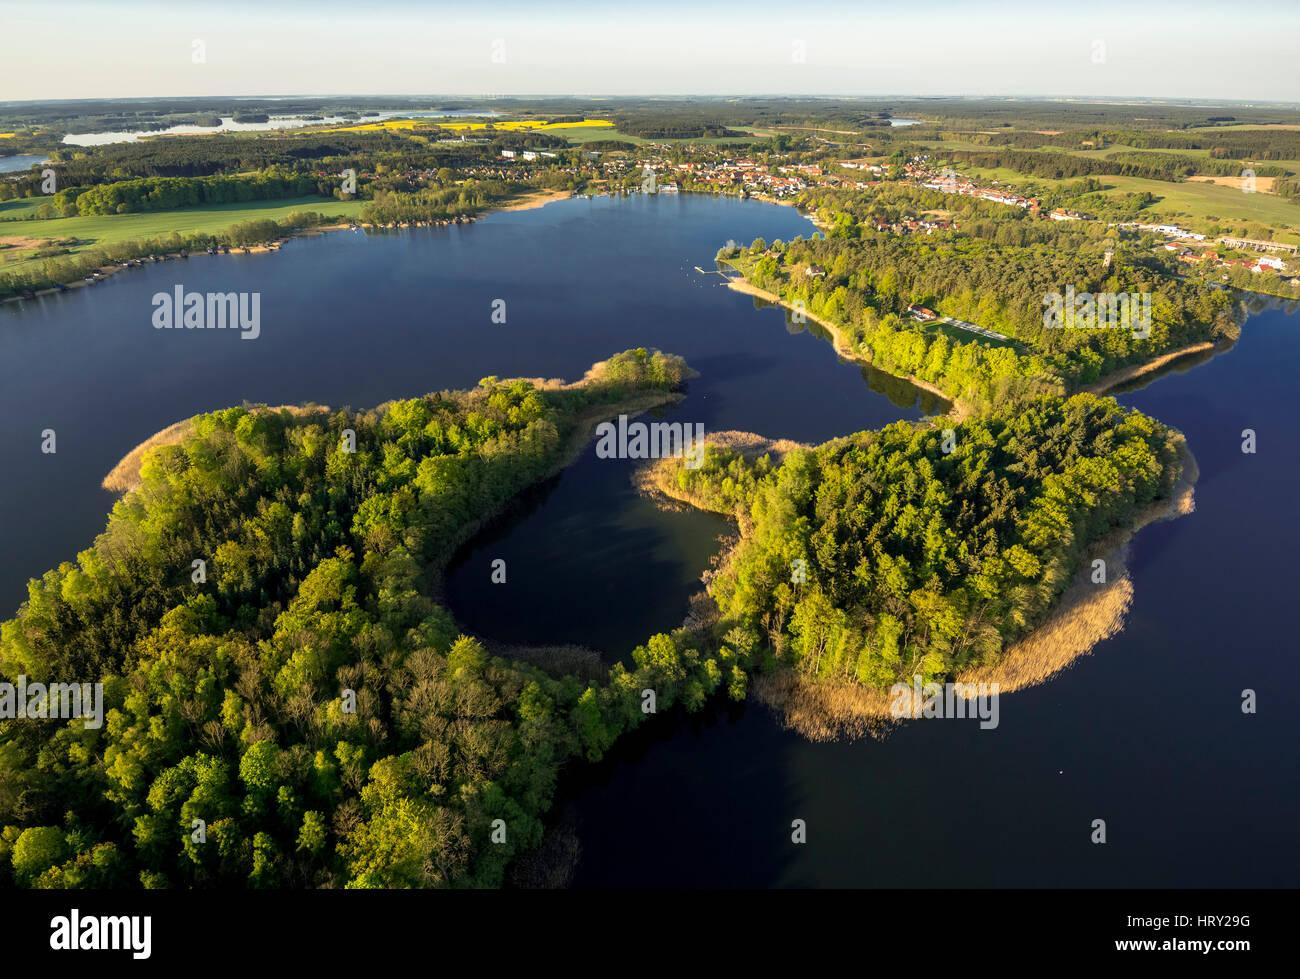 Krakower Seenlandschaft Mit Inseln Und Blick Auf Krakow am See, Krakow am See, Mecklenburgische Seenplatte, Mecklenburger Stockbild